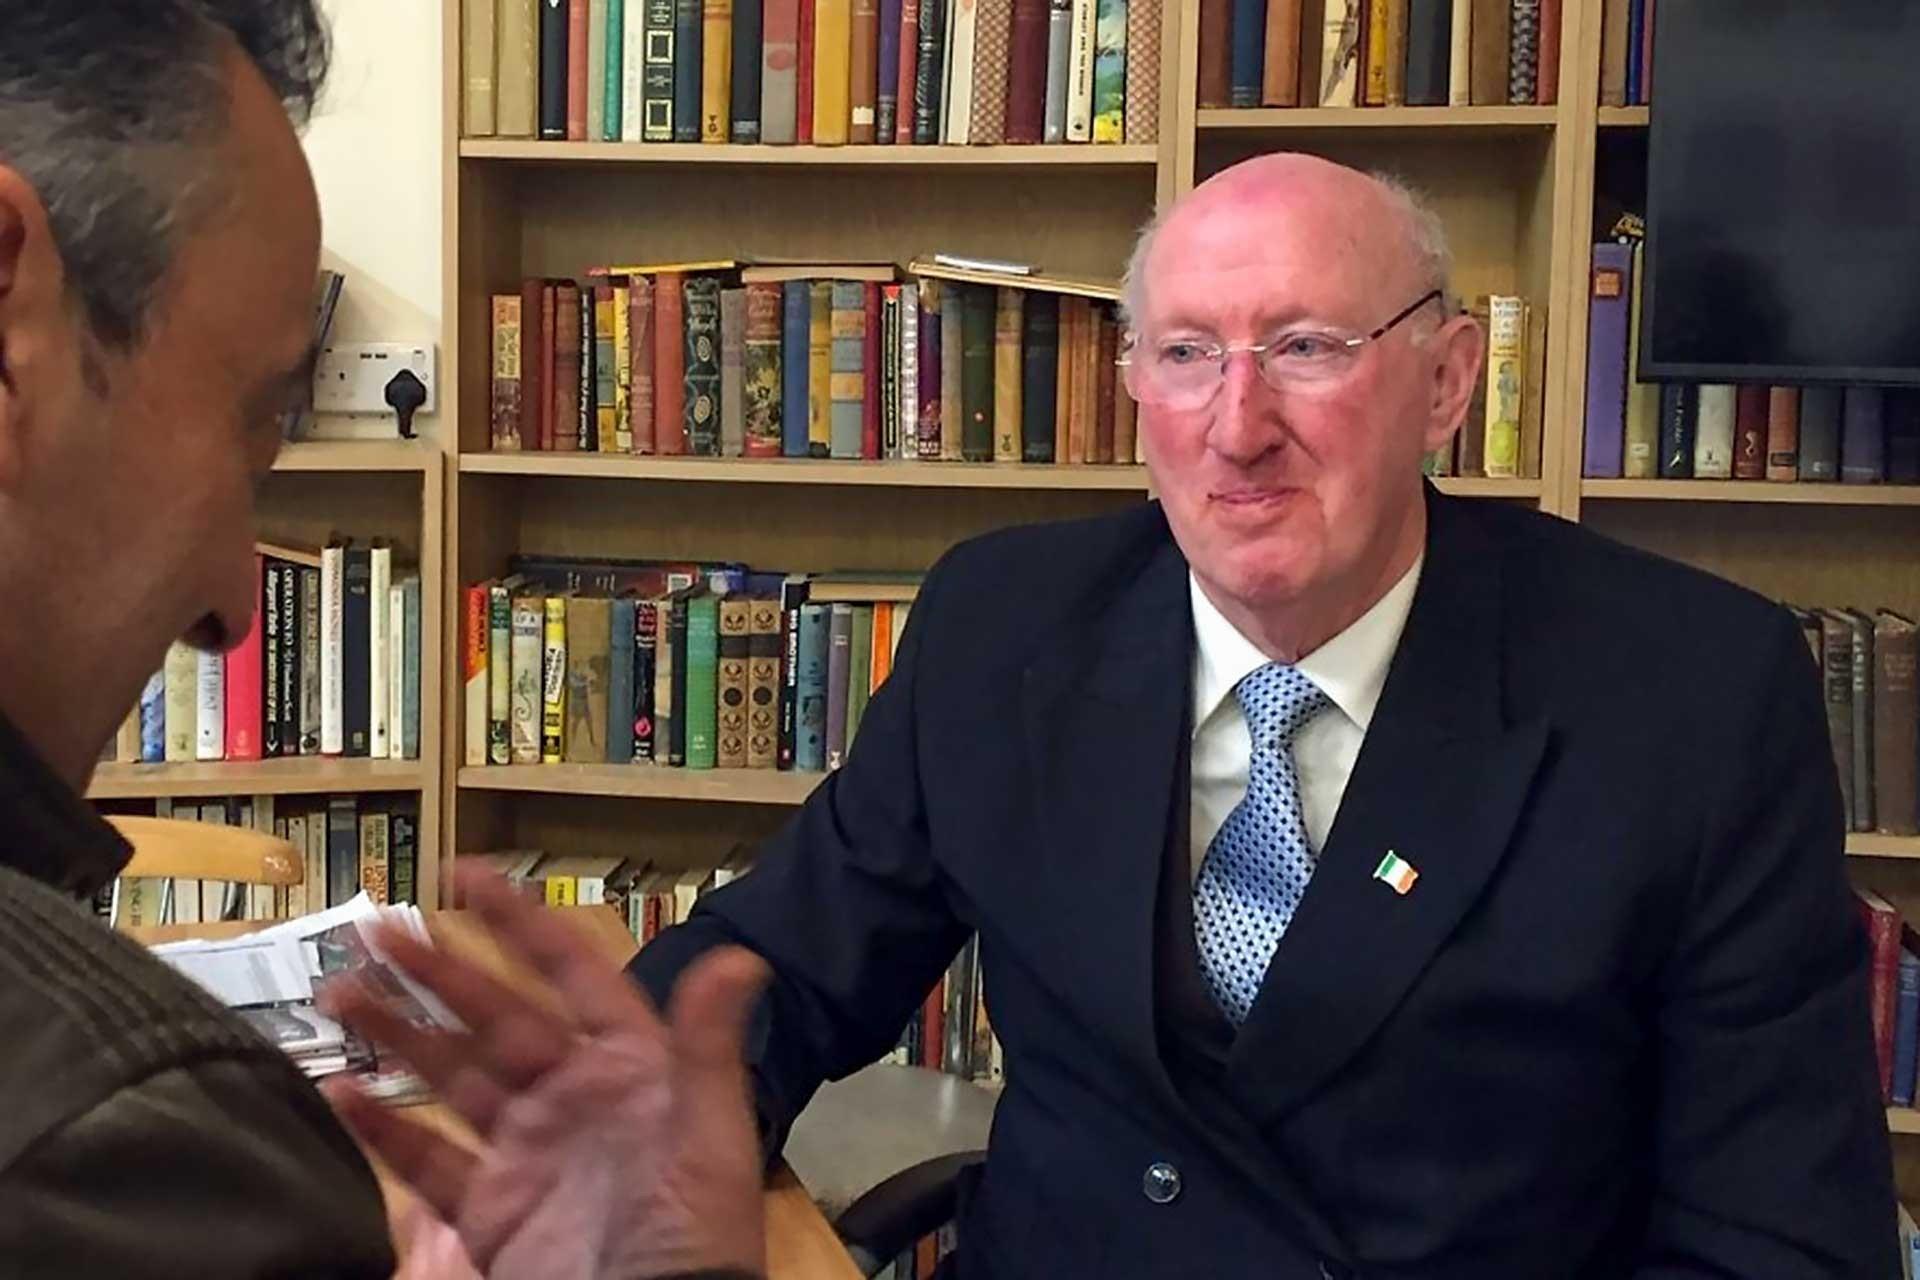 İrlanda Sivil Haklar Derneği Başkanı Jim Curran